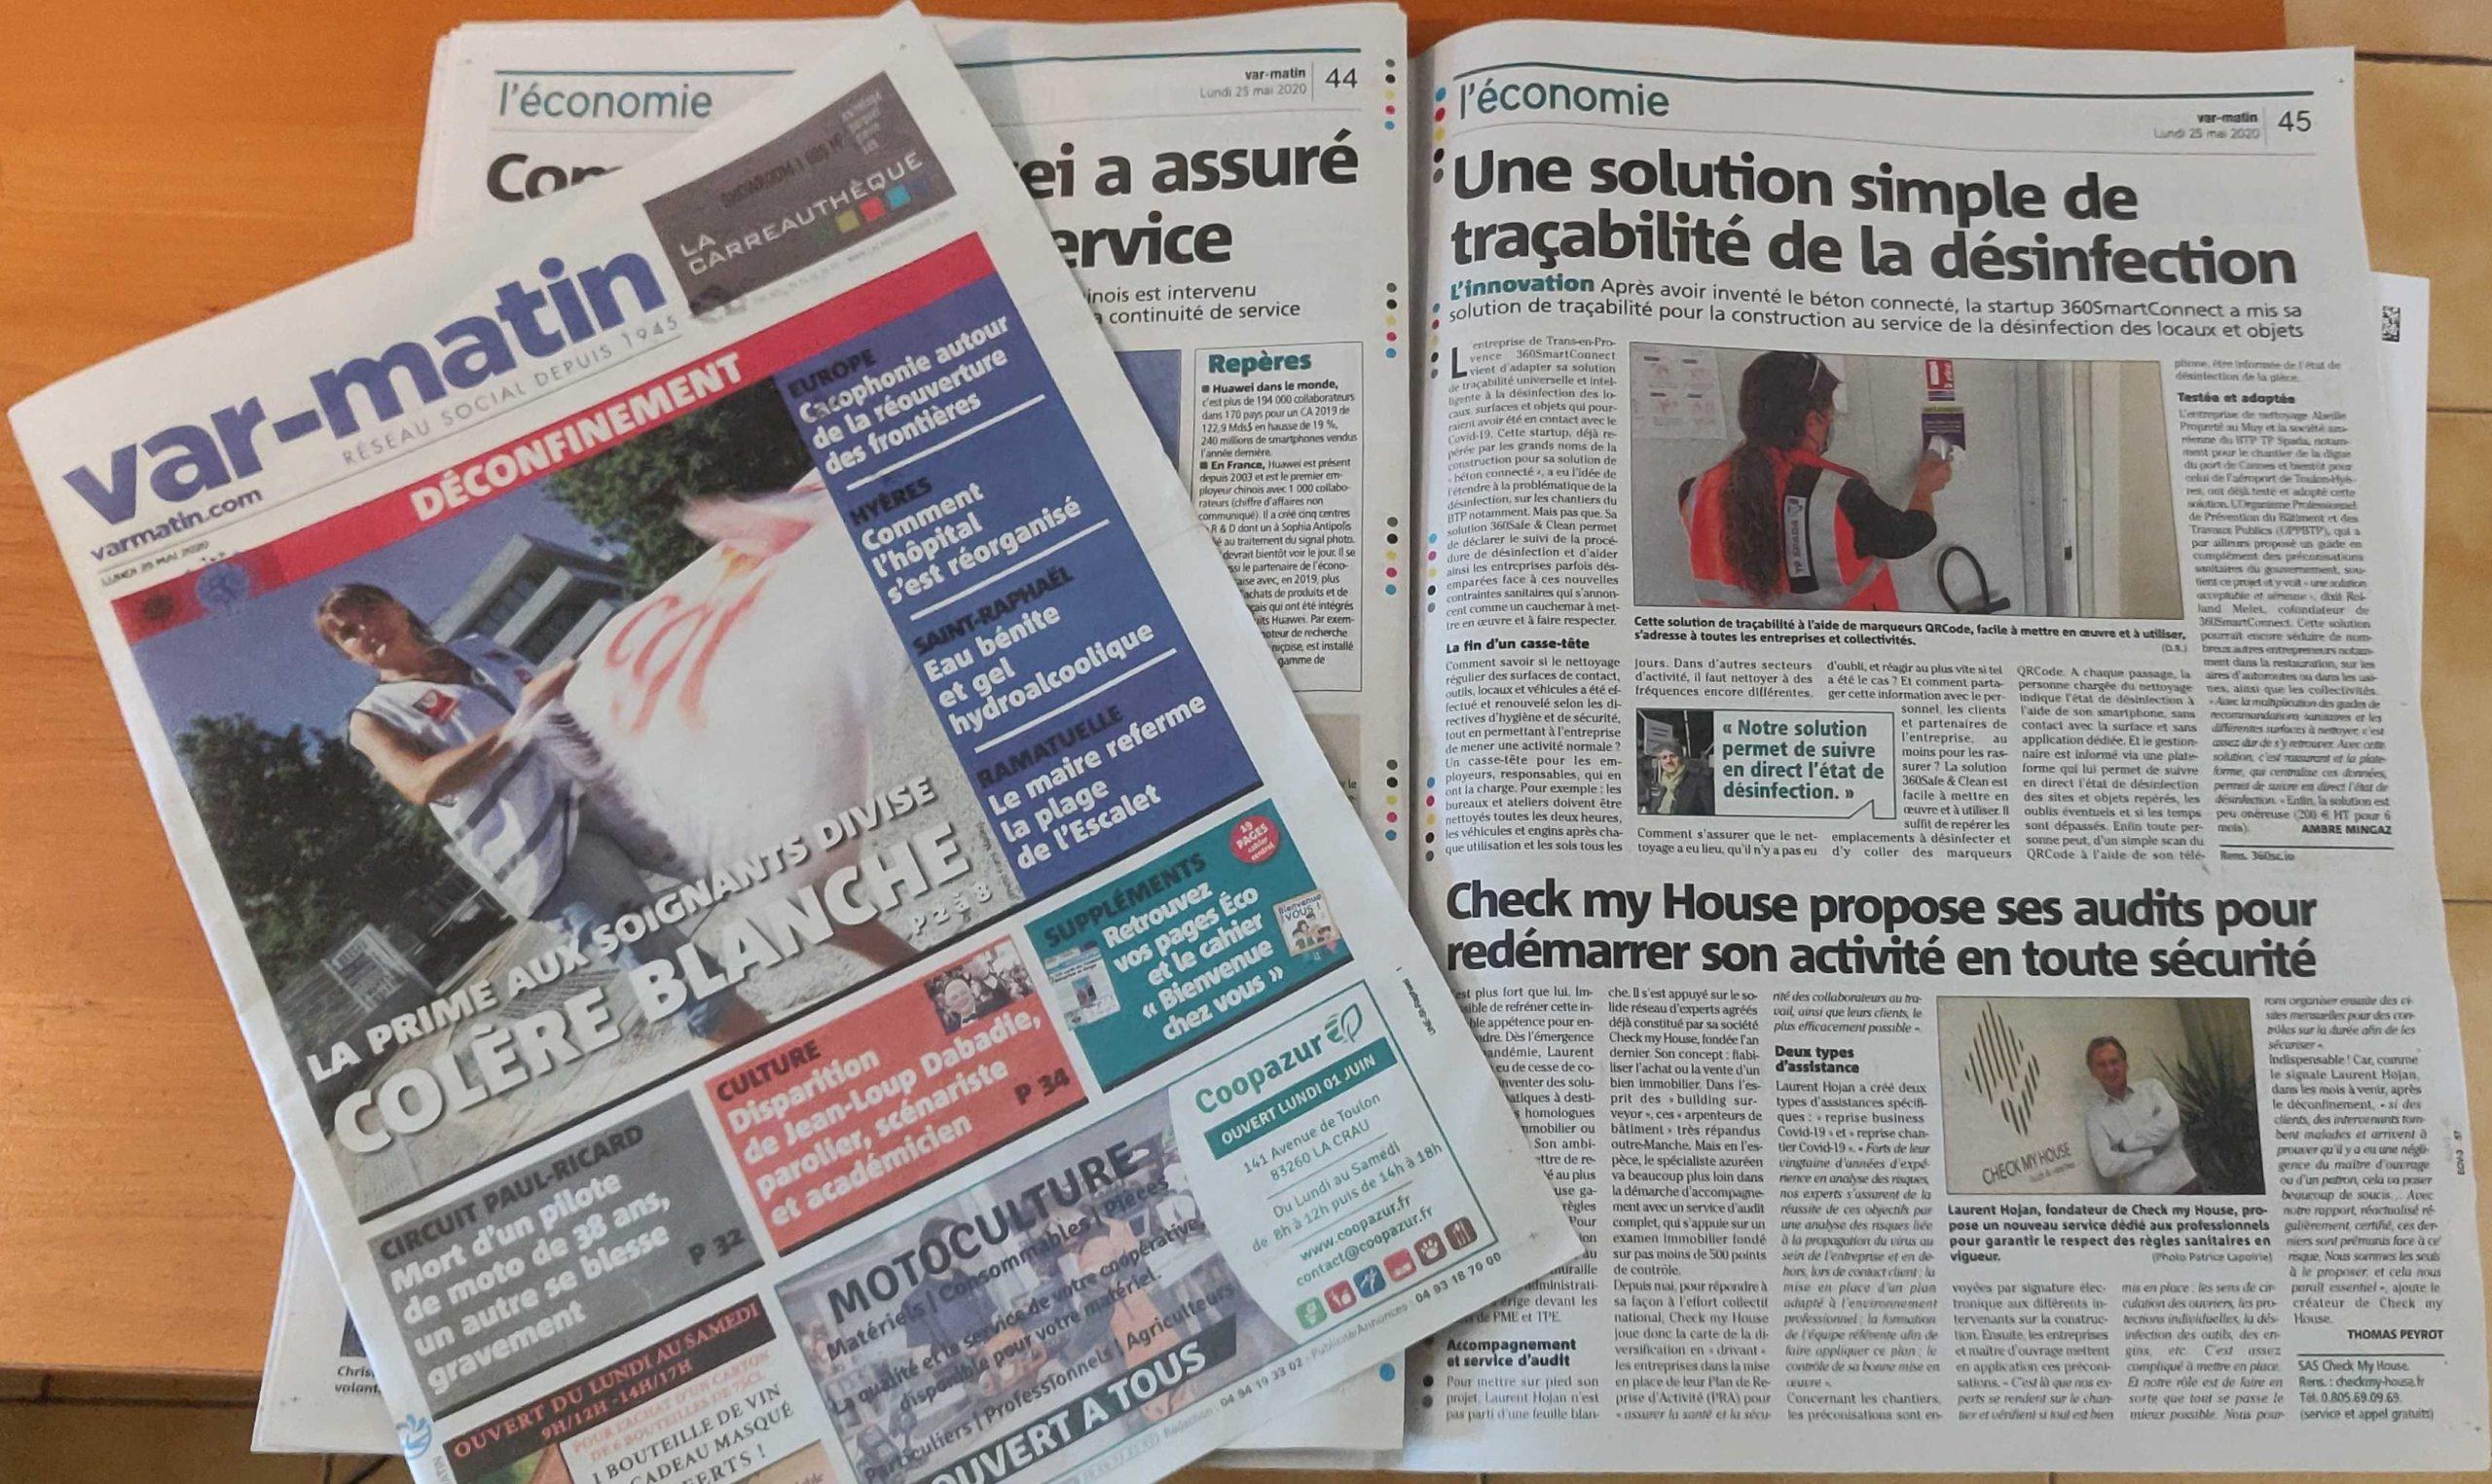 20-05-25 Article Var Matin